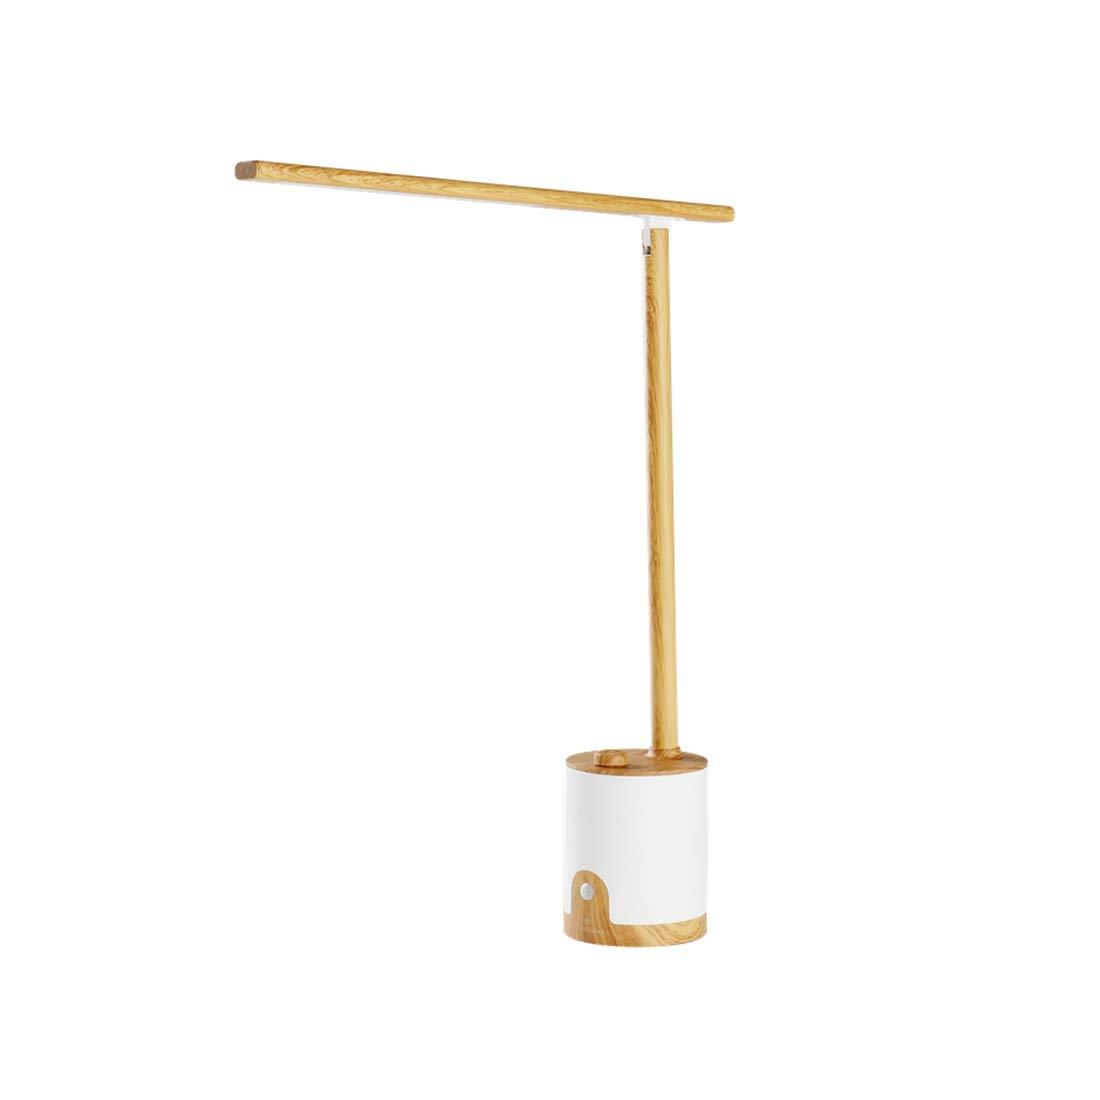 FELICIKK Aluminiumlegierung Dimmable LED Schreibtischlampe mit USB-Ladeanschluss, Infrarot-Induktion Tischlampe für Bürobeleuchtung, Holzmaserung Schwarz (Farbe   Wood Grain)